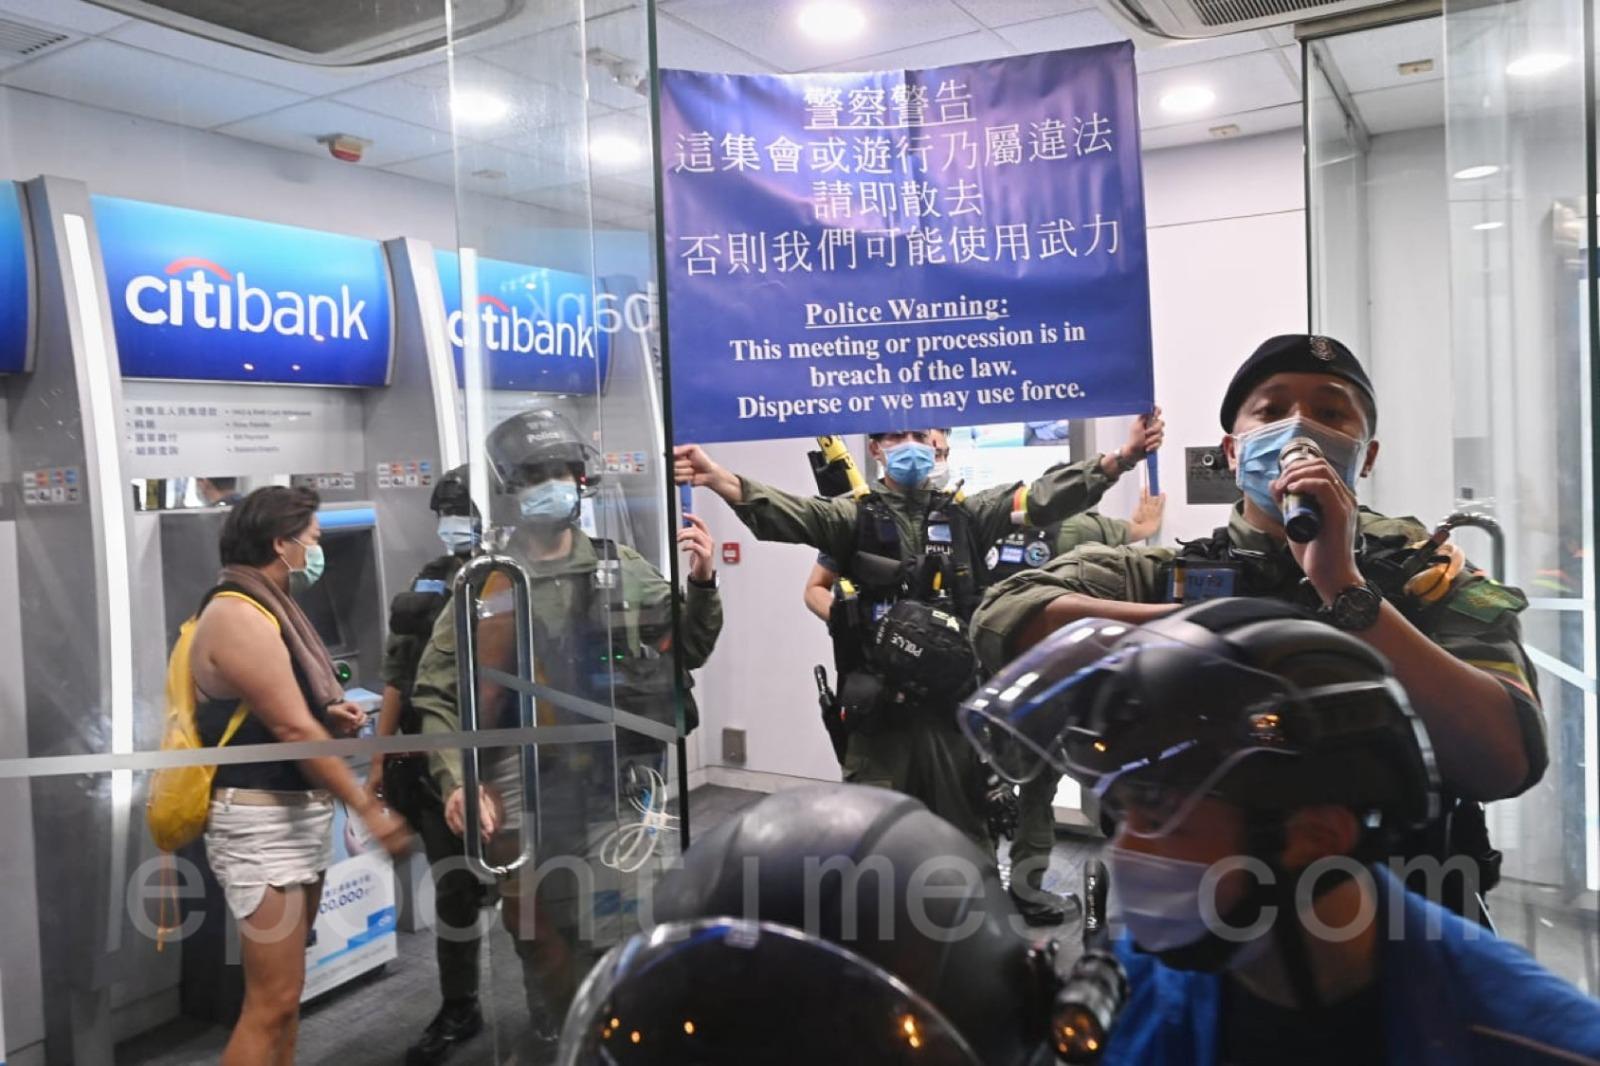 警方舉起藍旗警告並驅趕現場記者。(宋碧龍/大紀元)